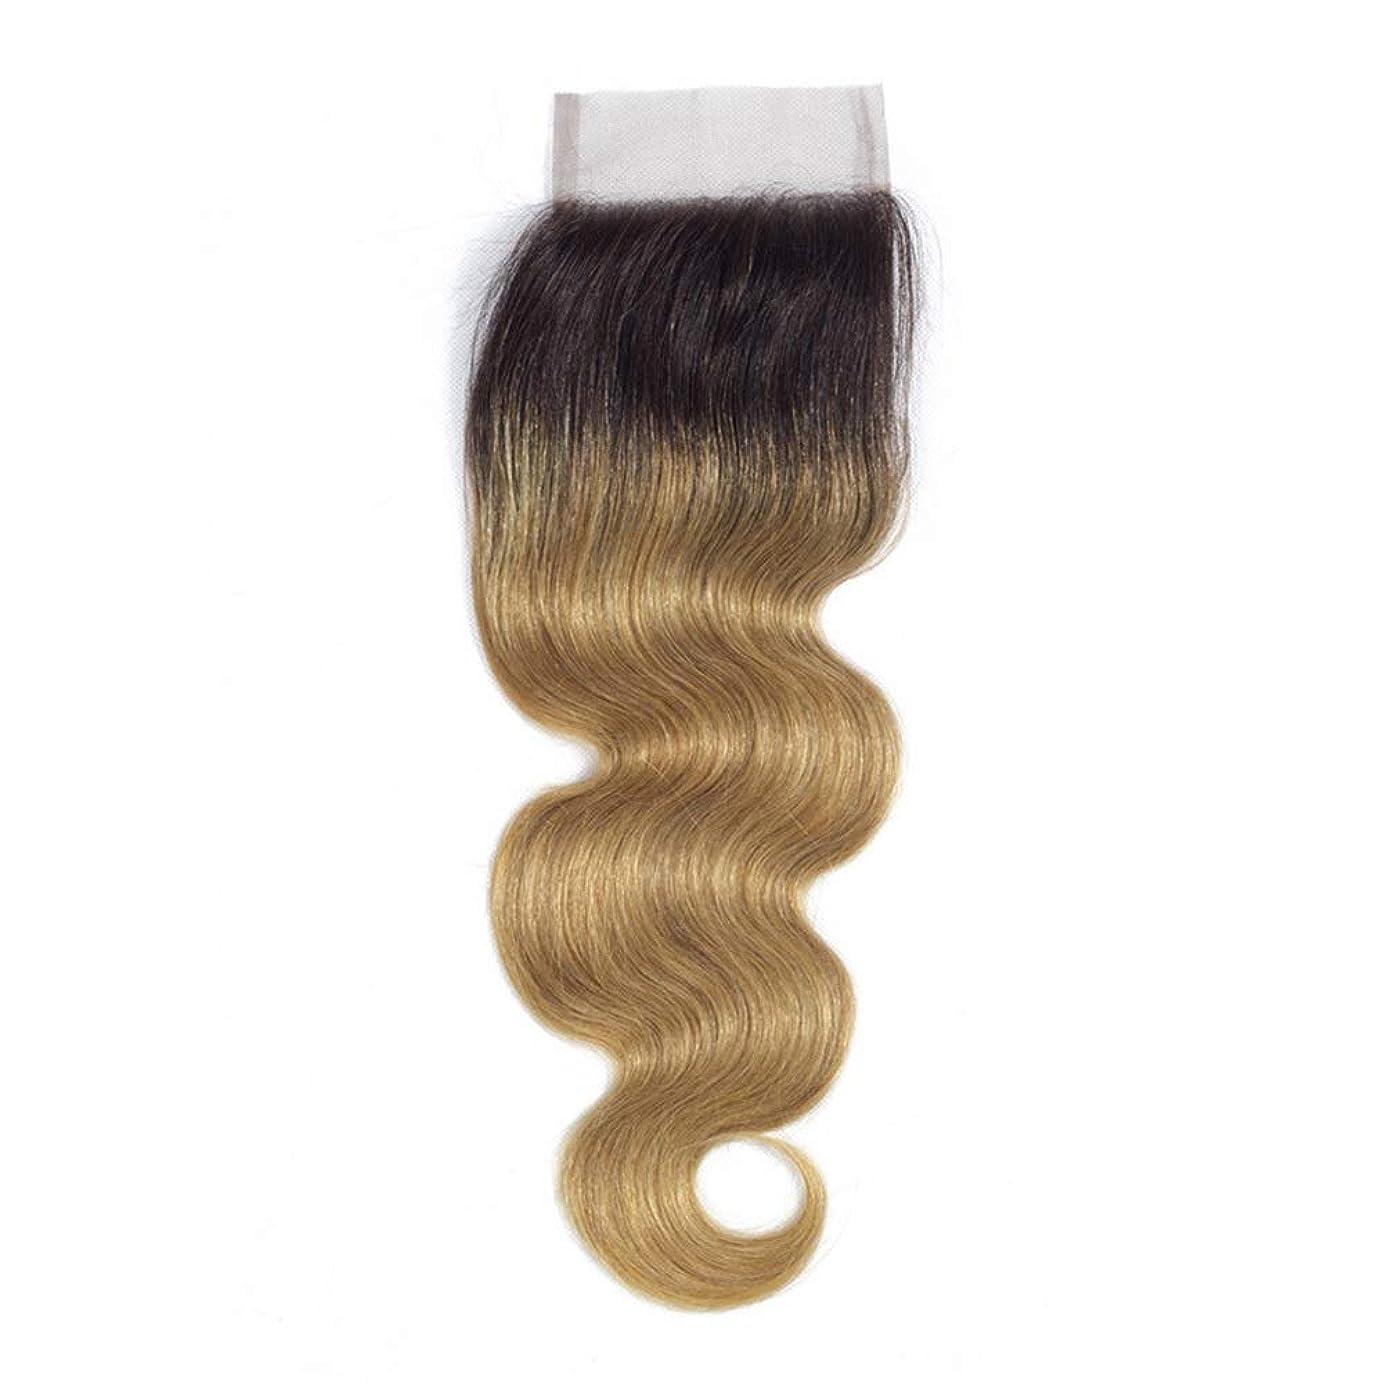 気候の山メジャーかごYrattary 人間の髪織りバンドルナチュラルヘアエクステンション横糸 - ボディウェーブ - ナチュラルブラックカラー(1バンドル、100g)ロングカーリーウィッグ (色 : ブラウン, サイズ : 16 inch)